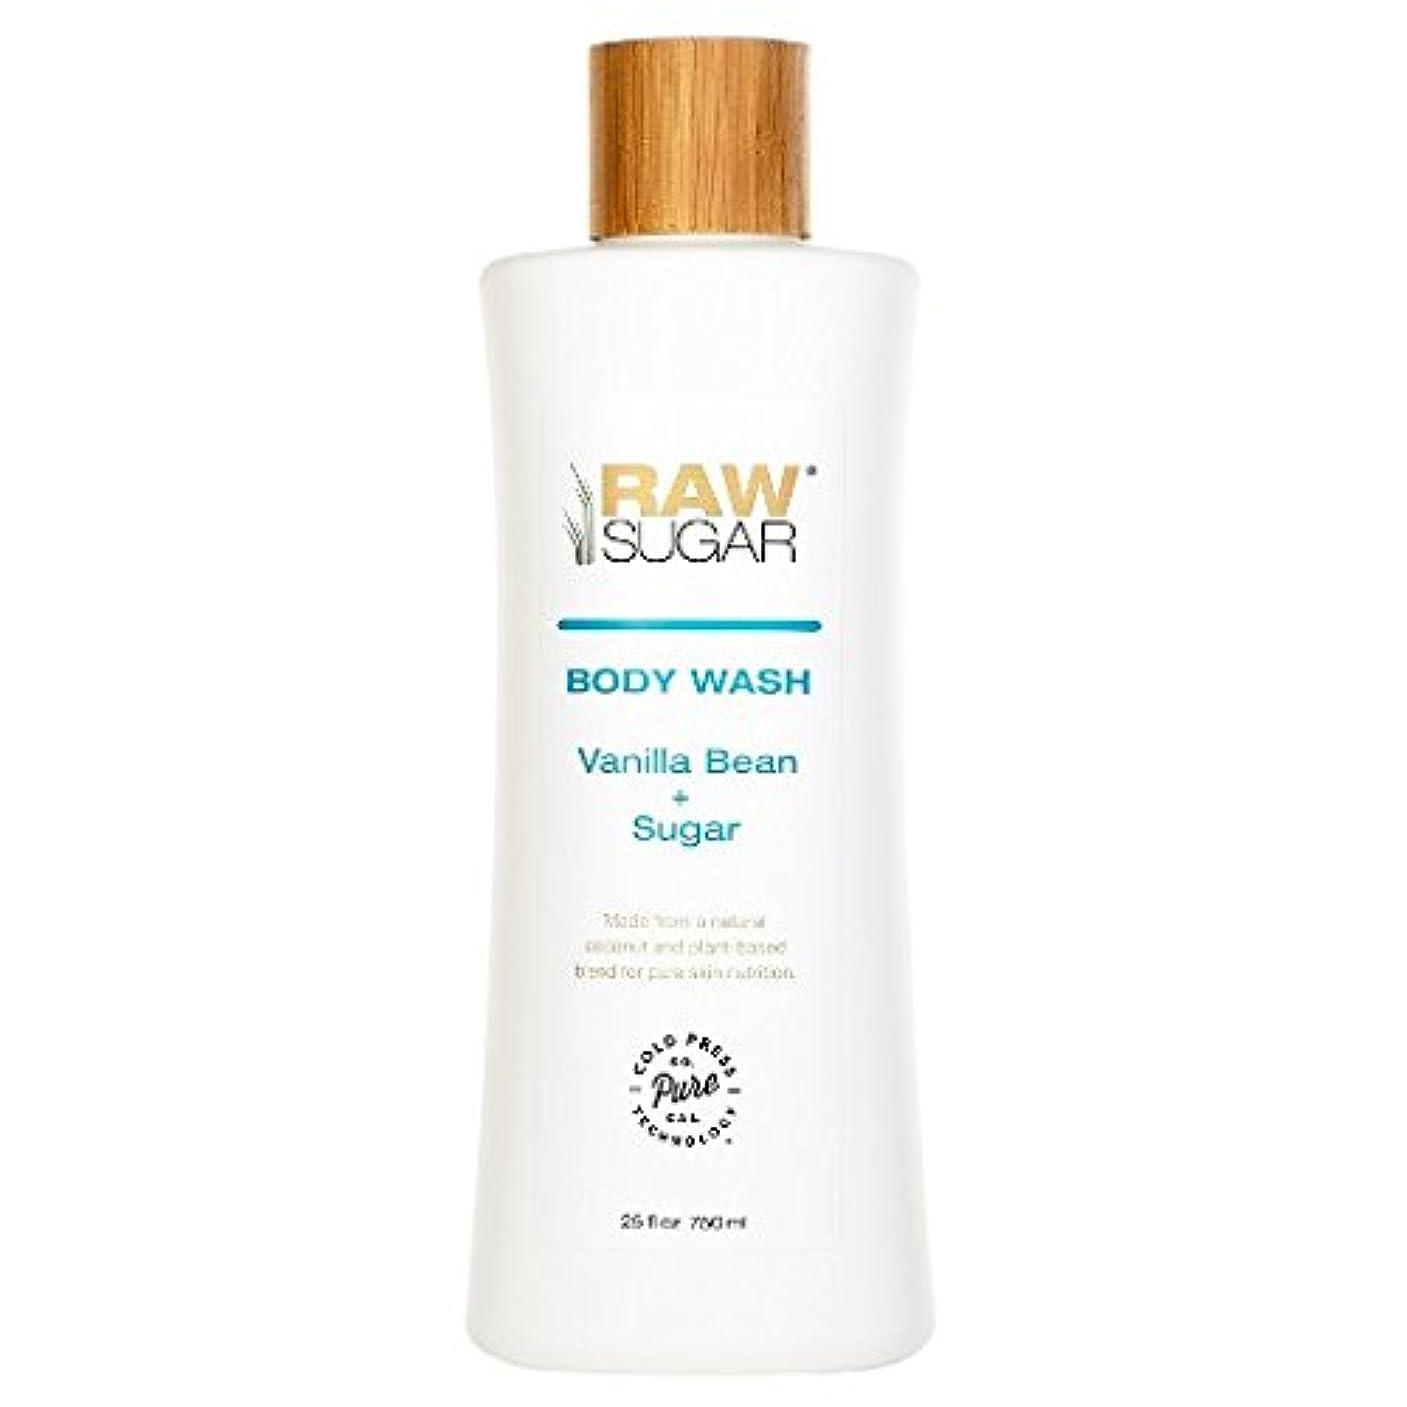 パートナートレーニング支店RAWTM Sugar Awash in Expectation Vanilla Bean+Sugar Body Wash - 25 oz by raw